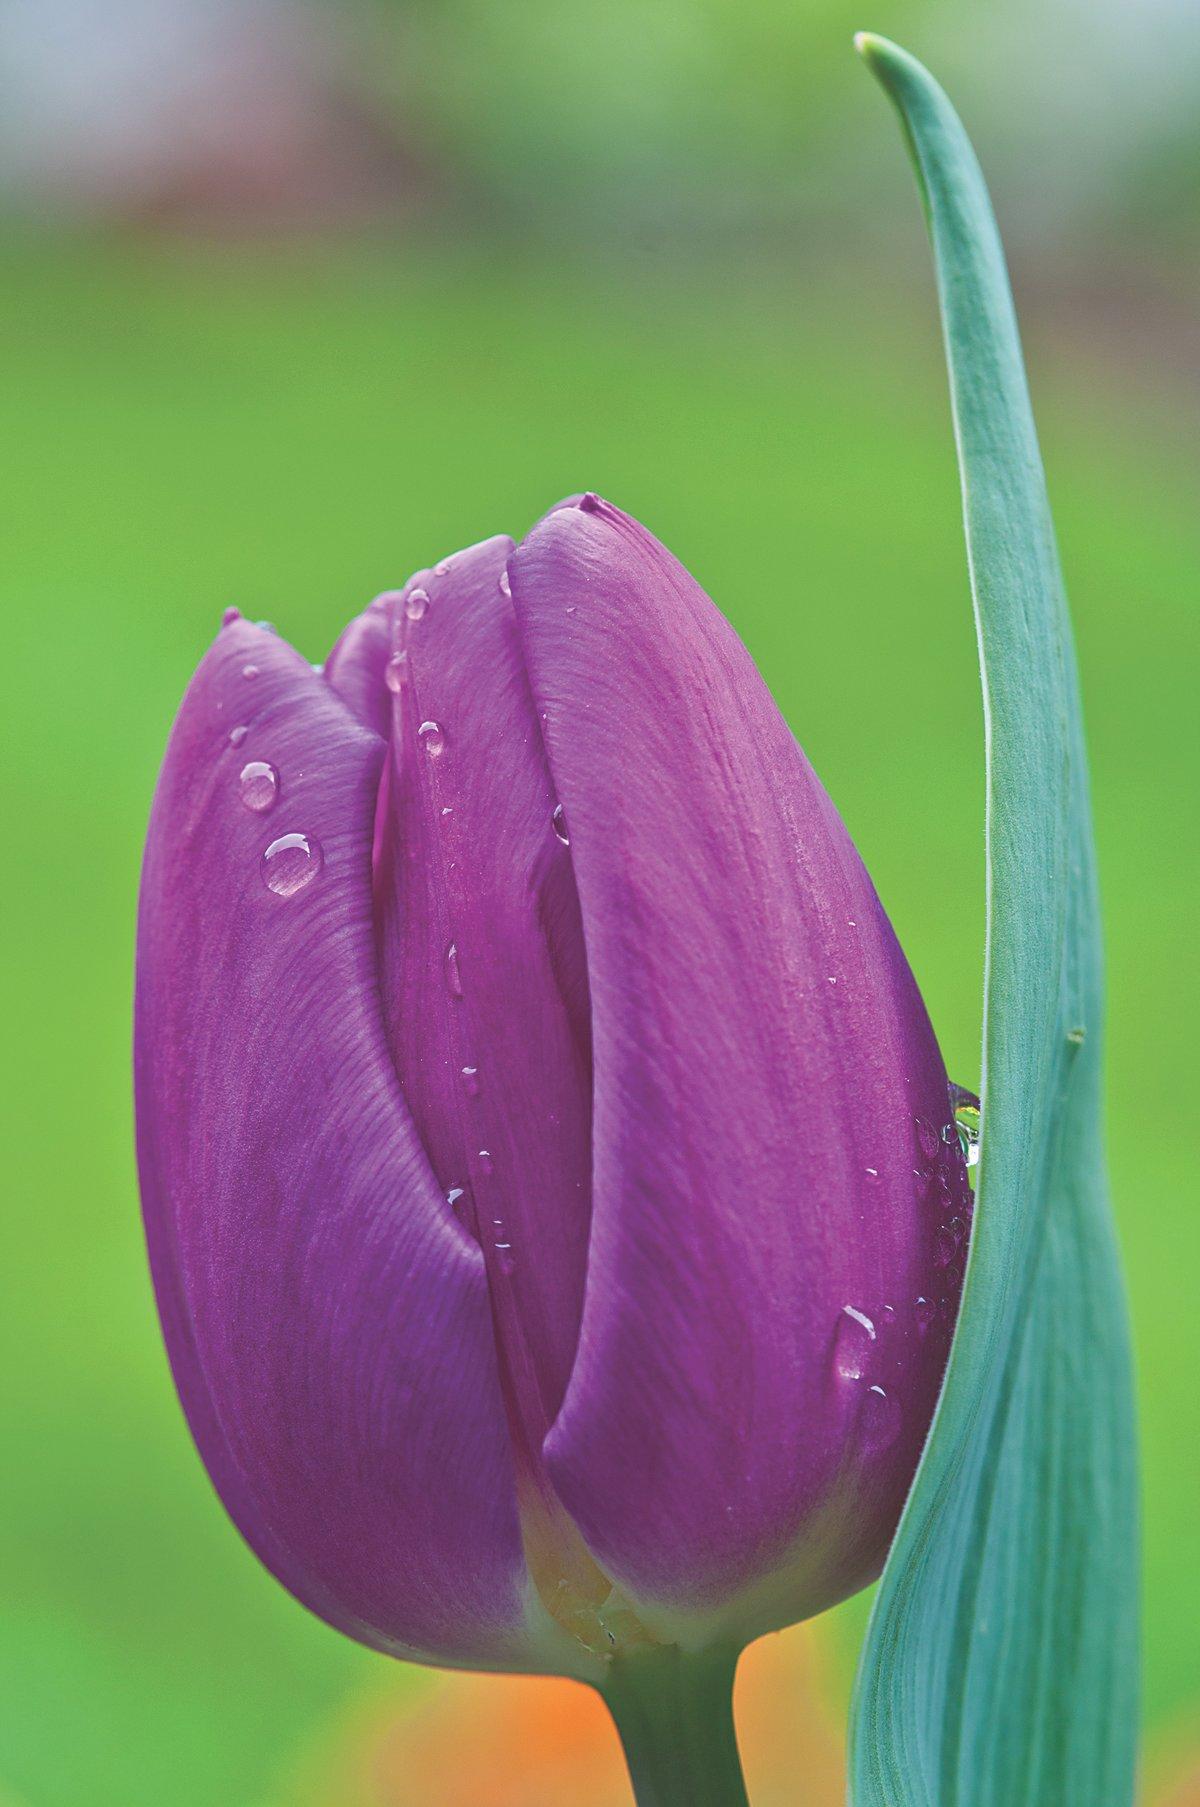 картинки цветы тюльпаны красивые крупно конечно